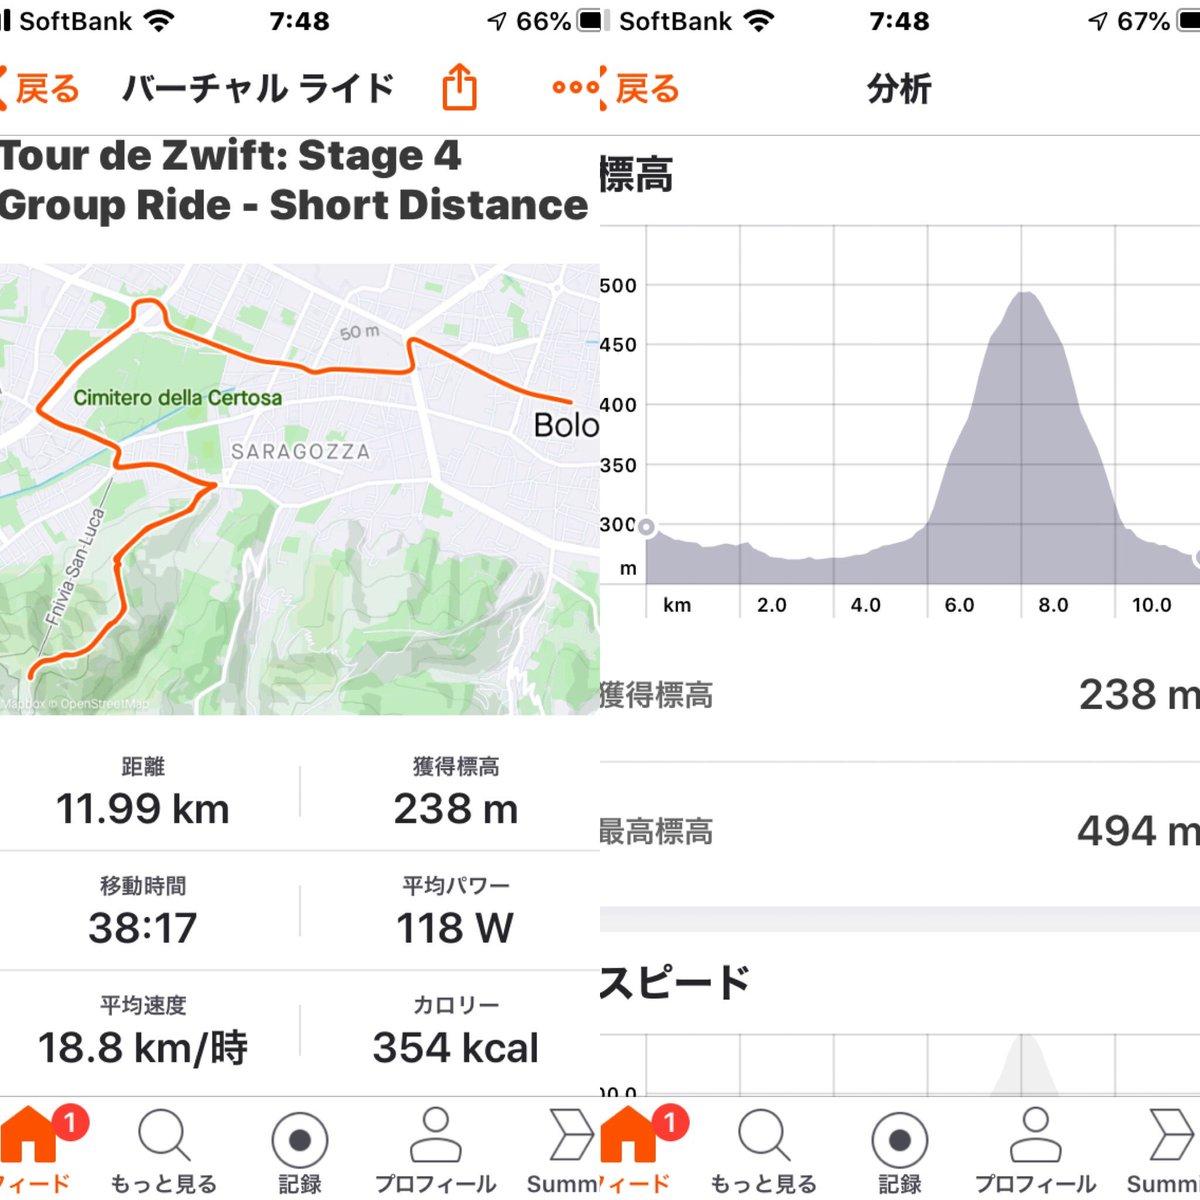 昨夜23時ごろにふと思い出し、Zwift ツアー参加。 たった8キロやし15〜20分ぐらいで走り切れると思いきや、5キロ過ぎから延々と登り(汗) それも10〜16%の中々の劇坂…  夜中に汗だくなったわ。 pic.twitter.com/YG9Ms1kHIT